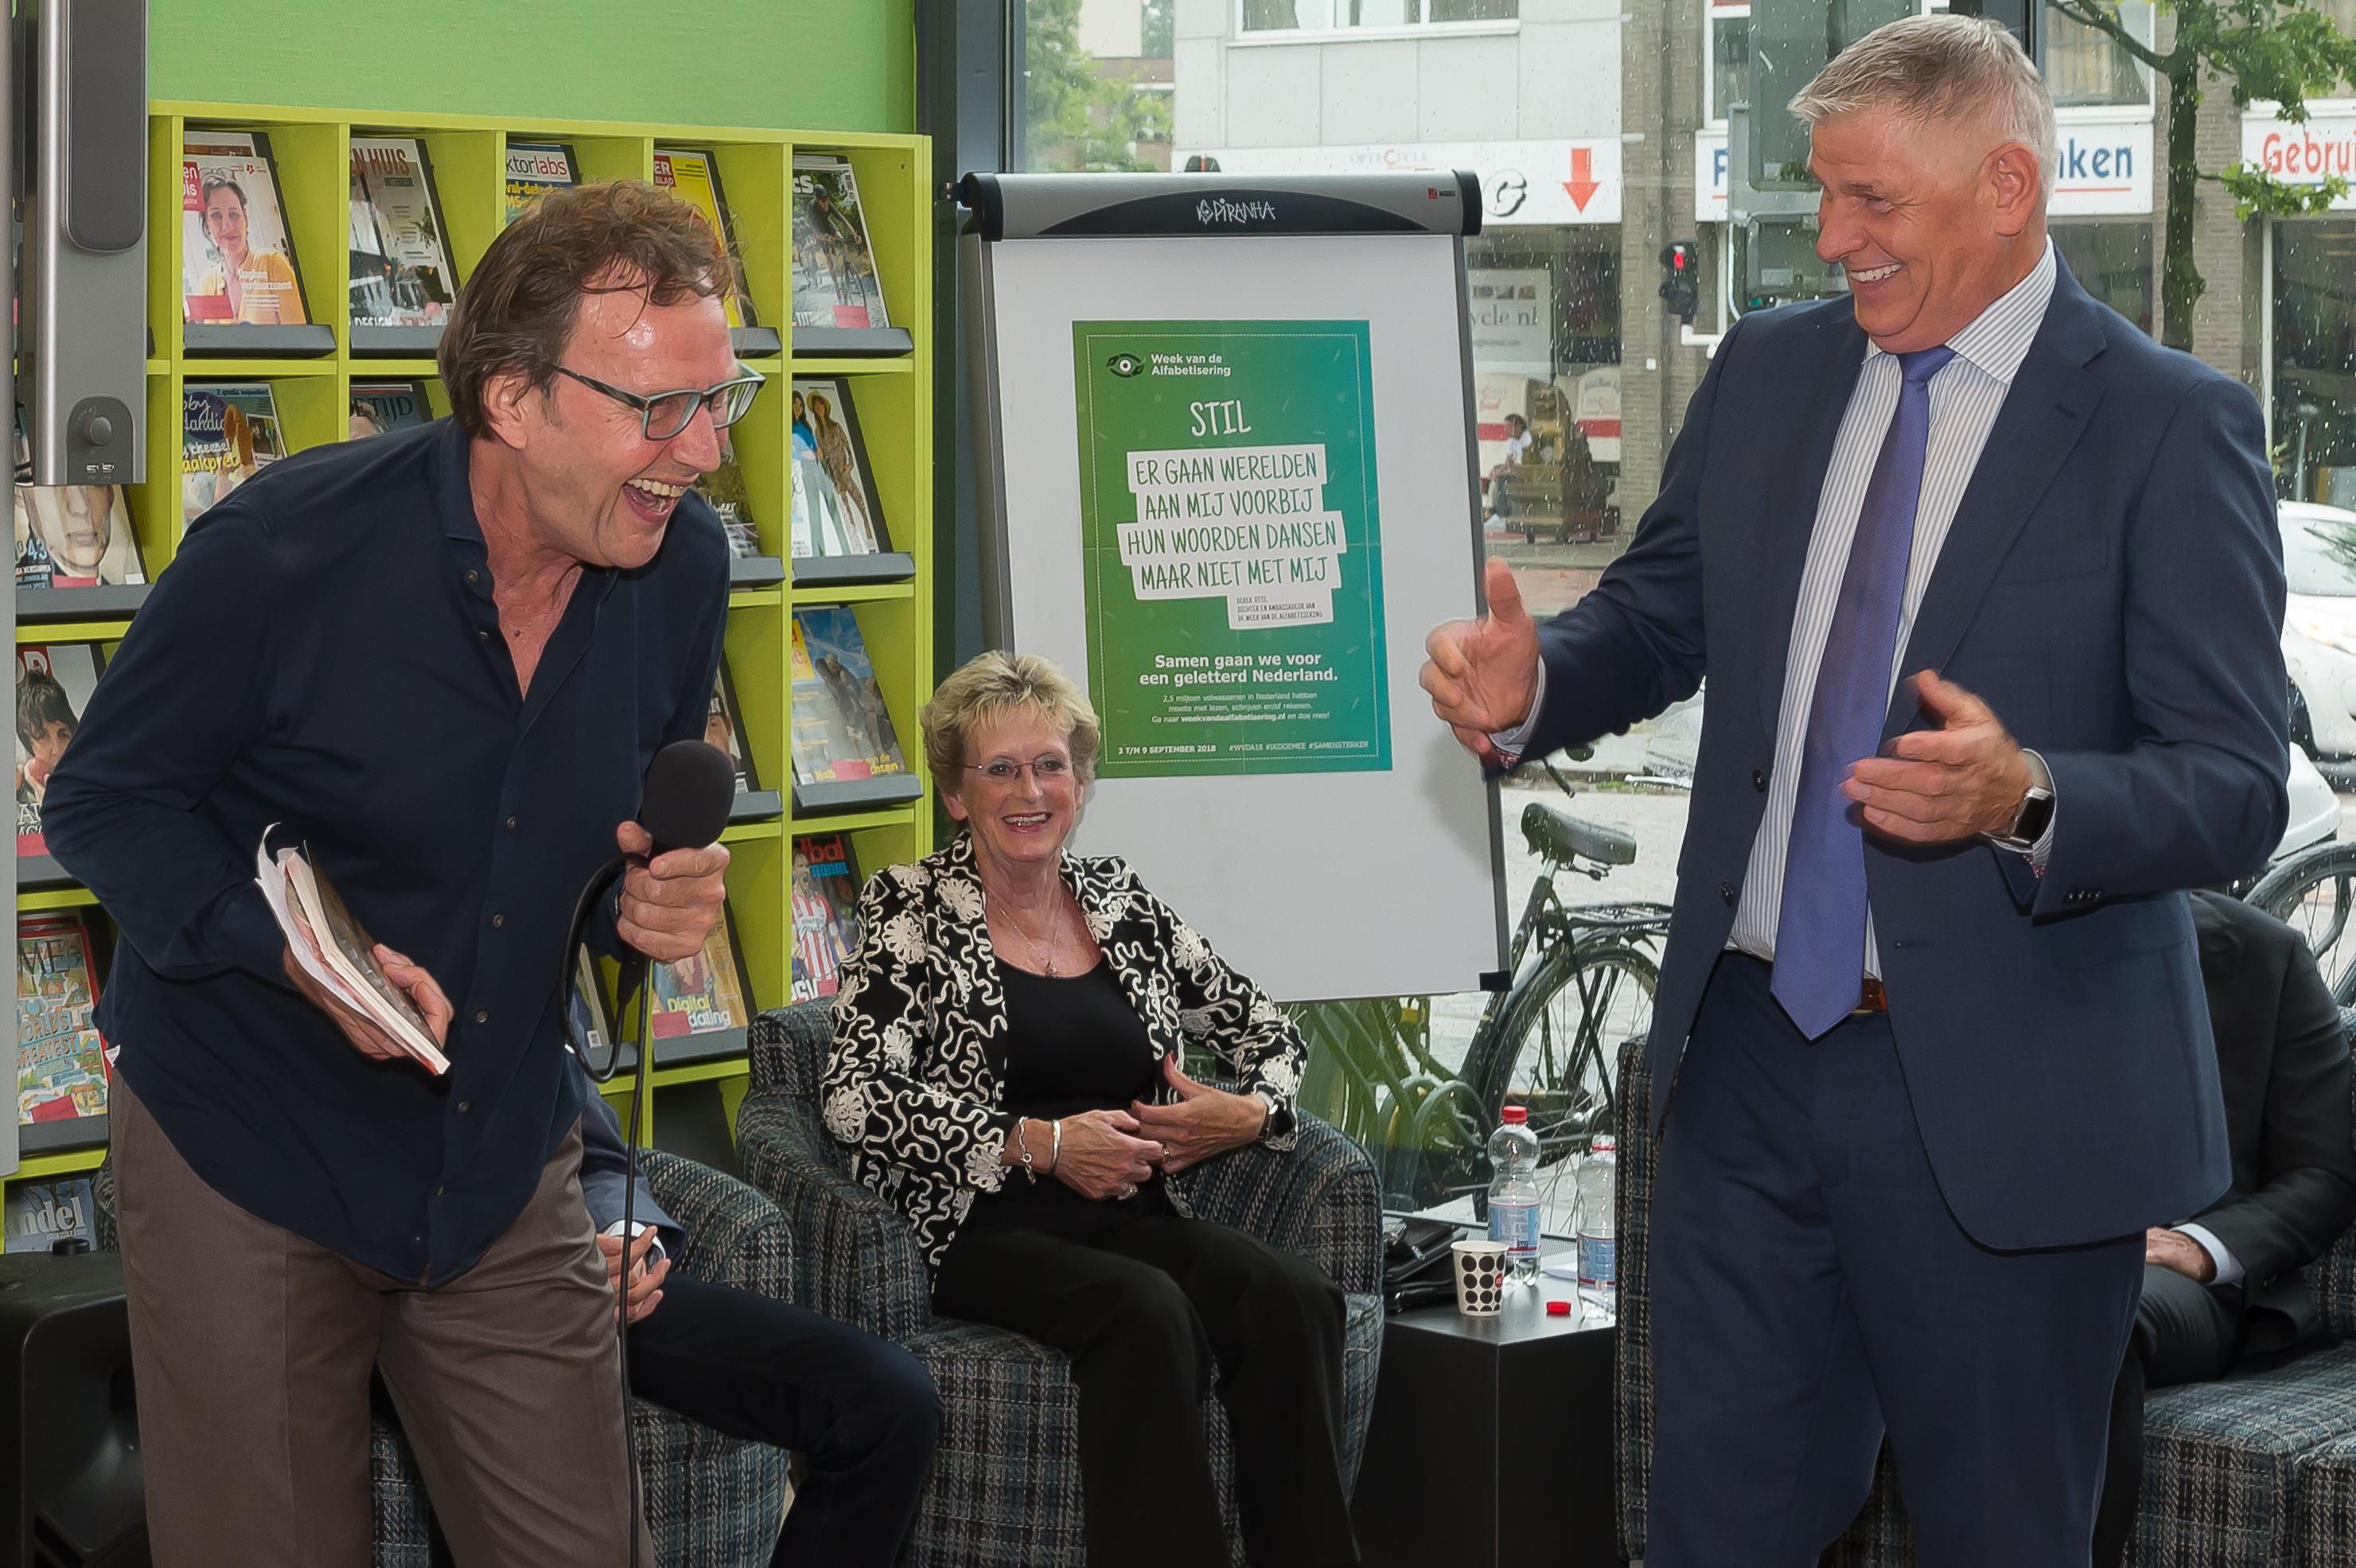 Tv-presentator en programmamaker Cees Grimbergen en Cees Baerts gieren het uit na de onthullingen van de Purmerender. (Foto: Han Giskes)